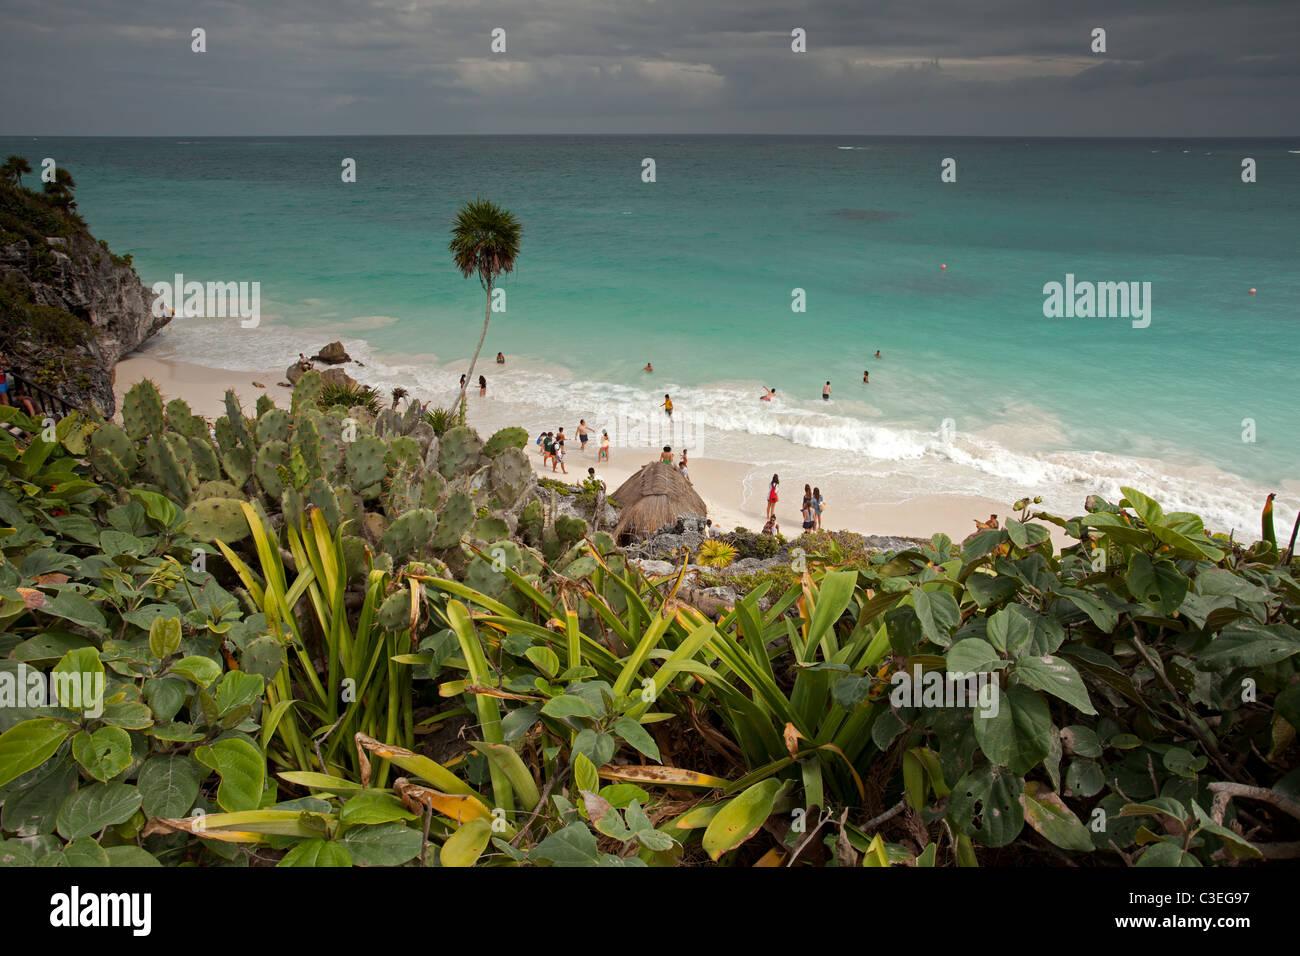 Tulum Maya Ruins: Beach - Stock Image